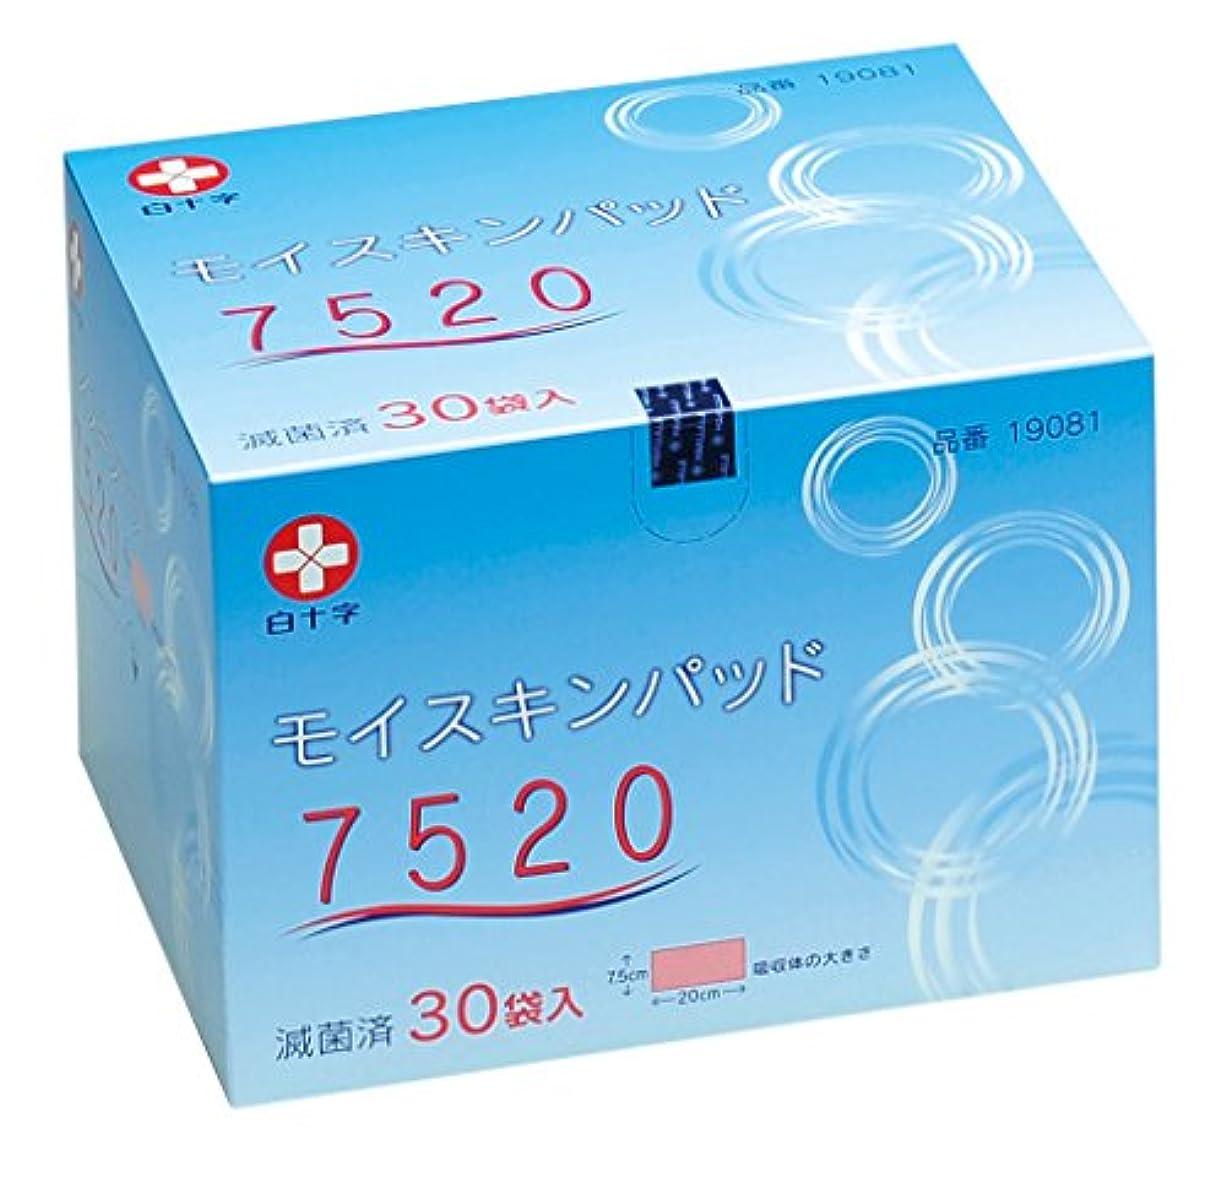 免除通訳装置白十字 モイスキンパッド 7.5cm×20cm 30袋入